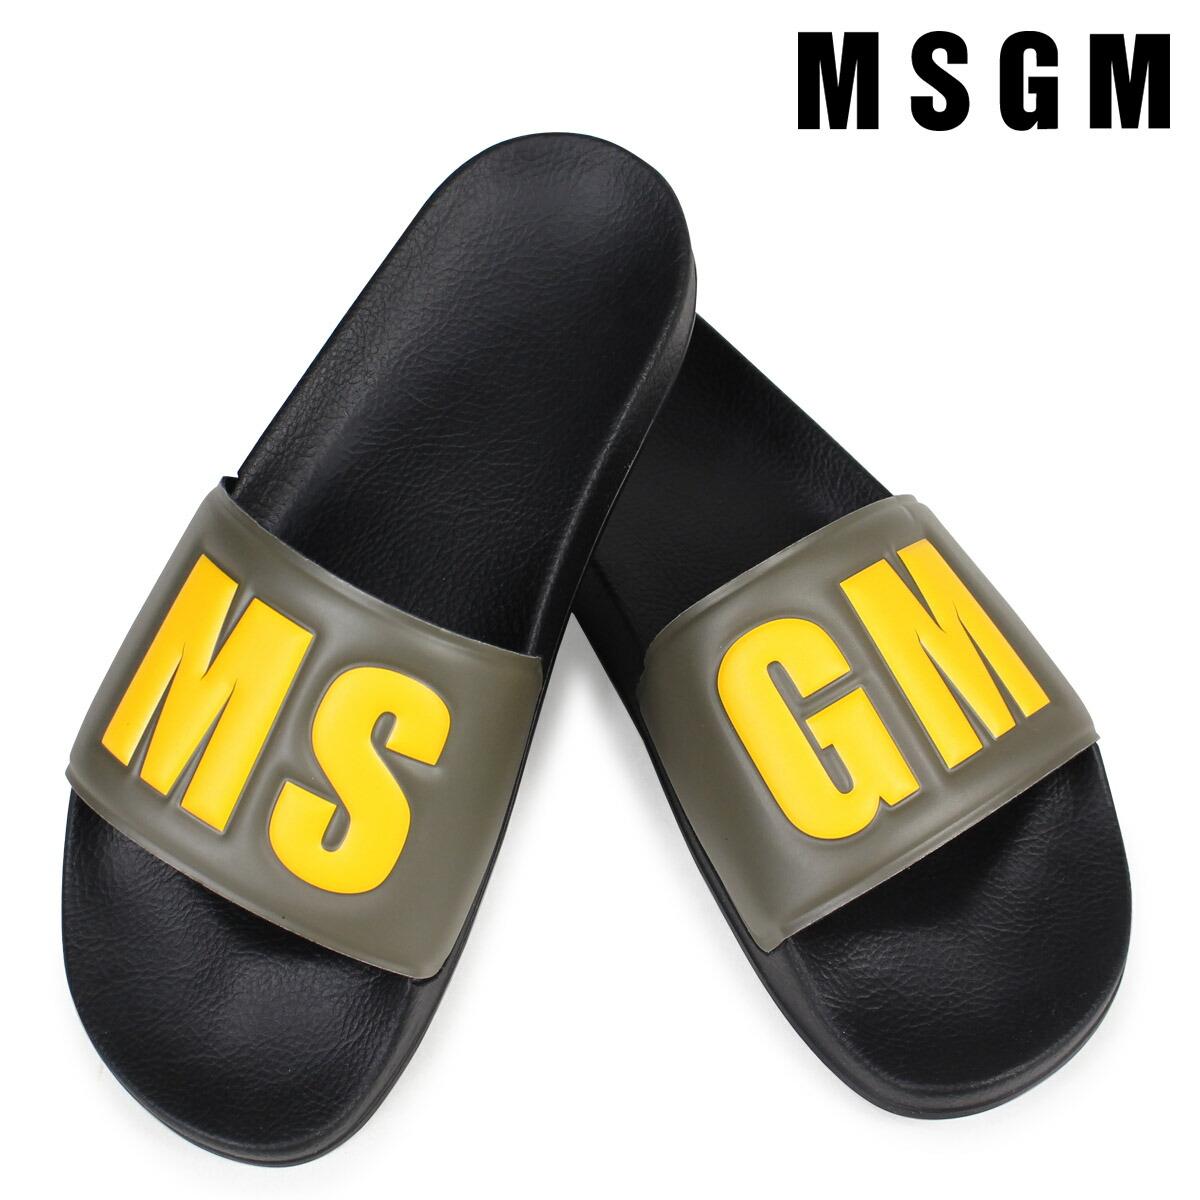 MSGM サンダル メンズ エムエスジーエム シャワーサンダル POOL SLIDE CON LOGO 2440MS100 030 ブラック [2/7 新入荷]